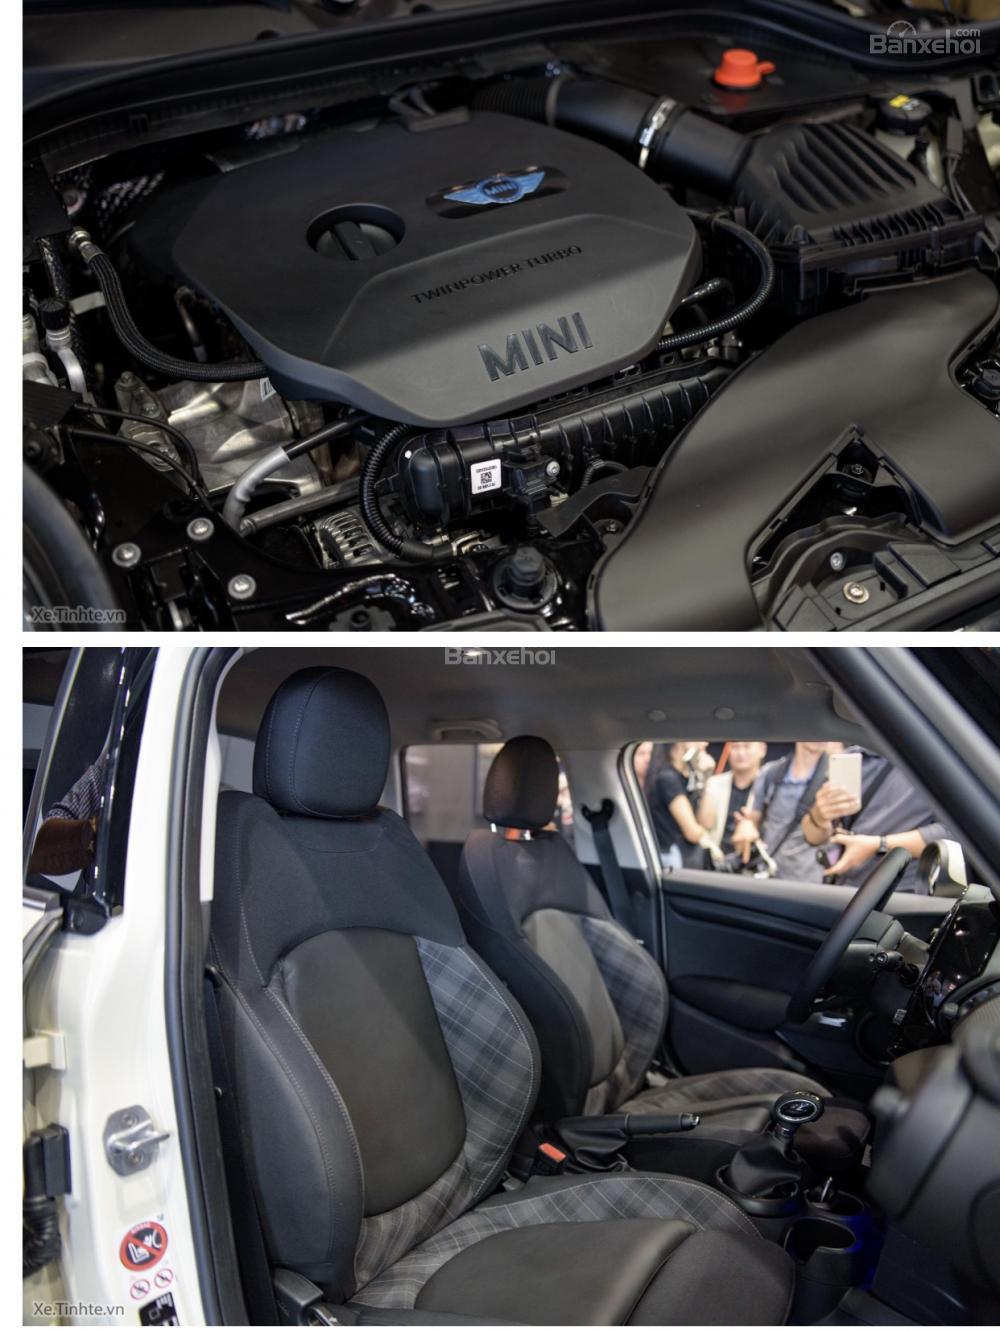 Bán xe ô tô Mini One đời 2016, xanh lam, nhập khẩu, giá 1 tỷ 070tr